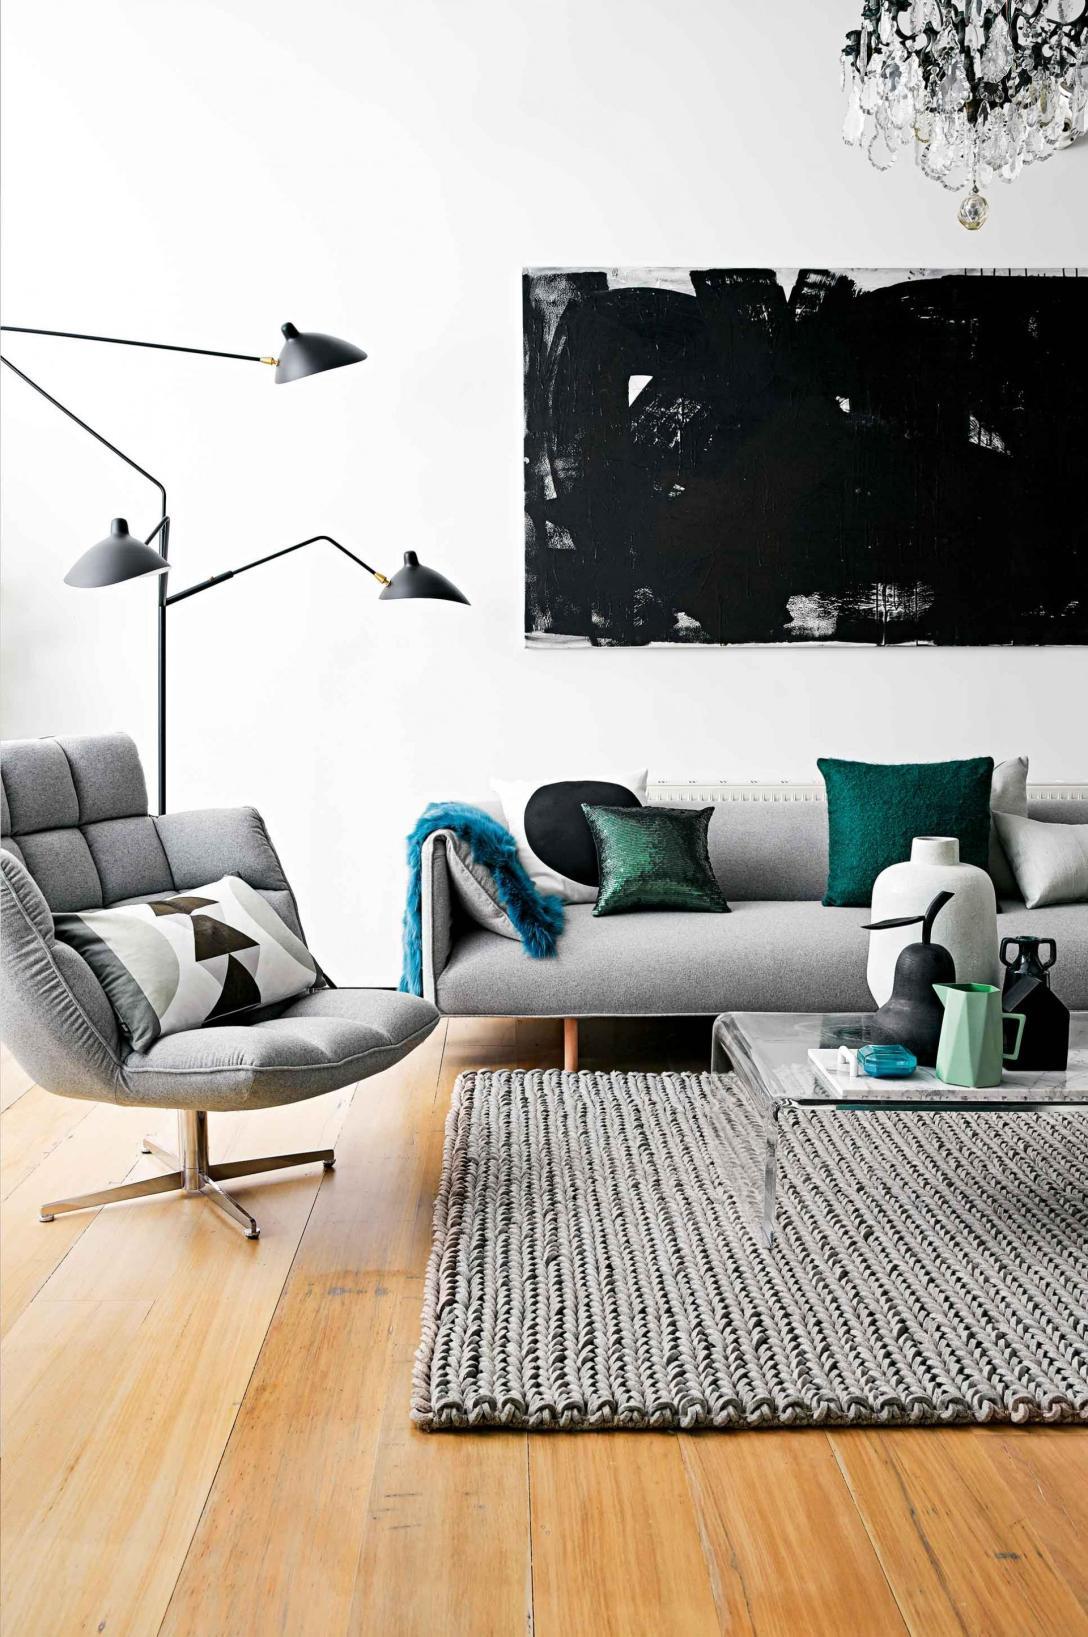 living-room-grey-rug-furniture-sept15-20150914152549~q75,dx1920y-u1r1g0,c--